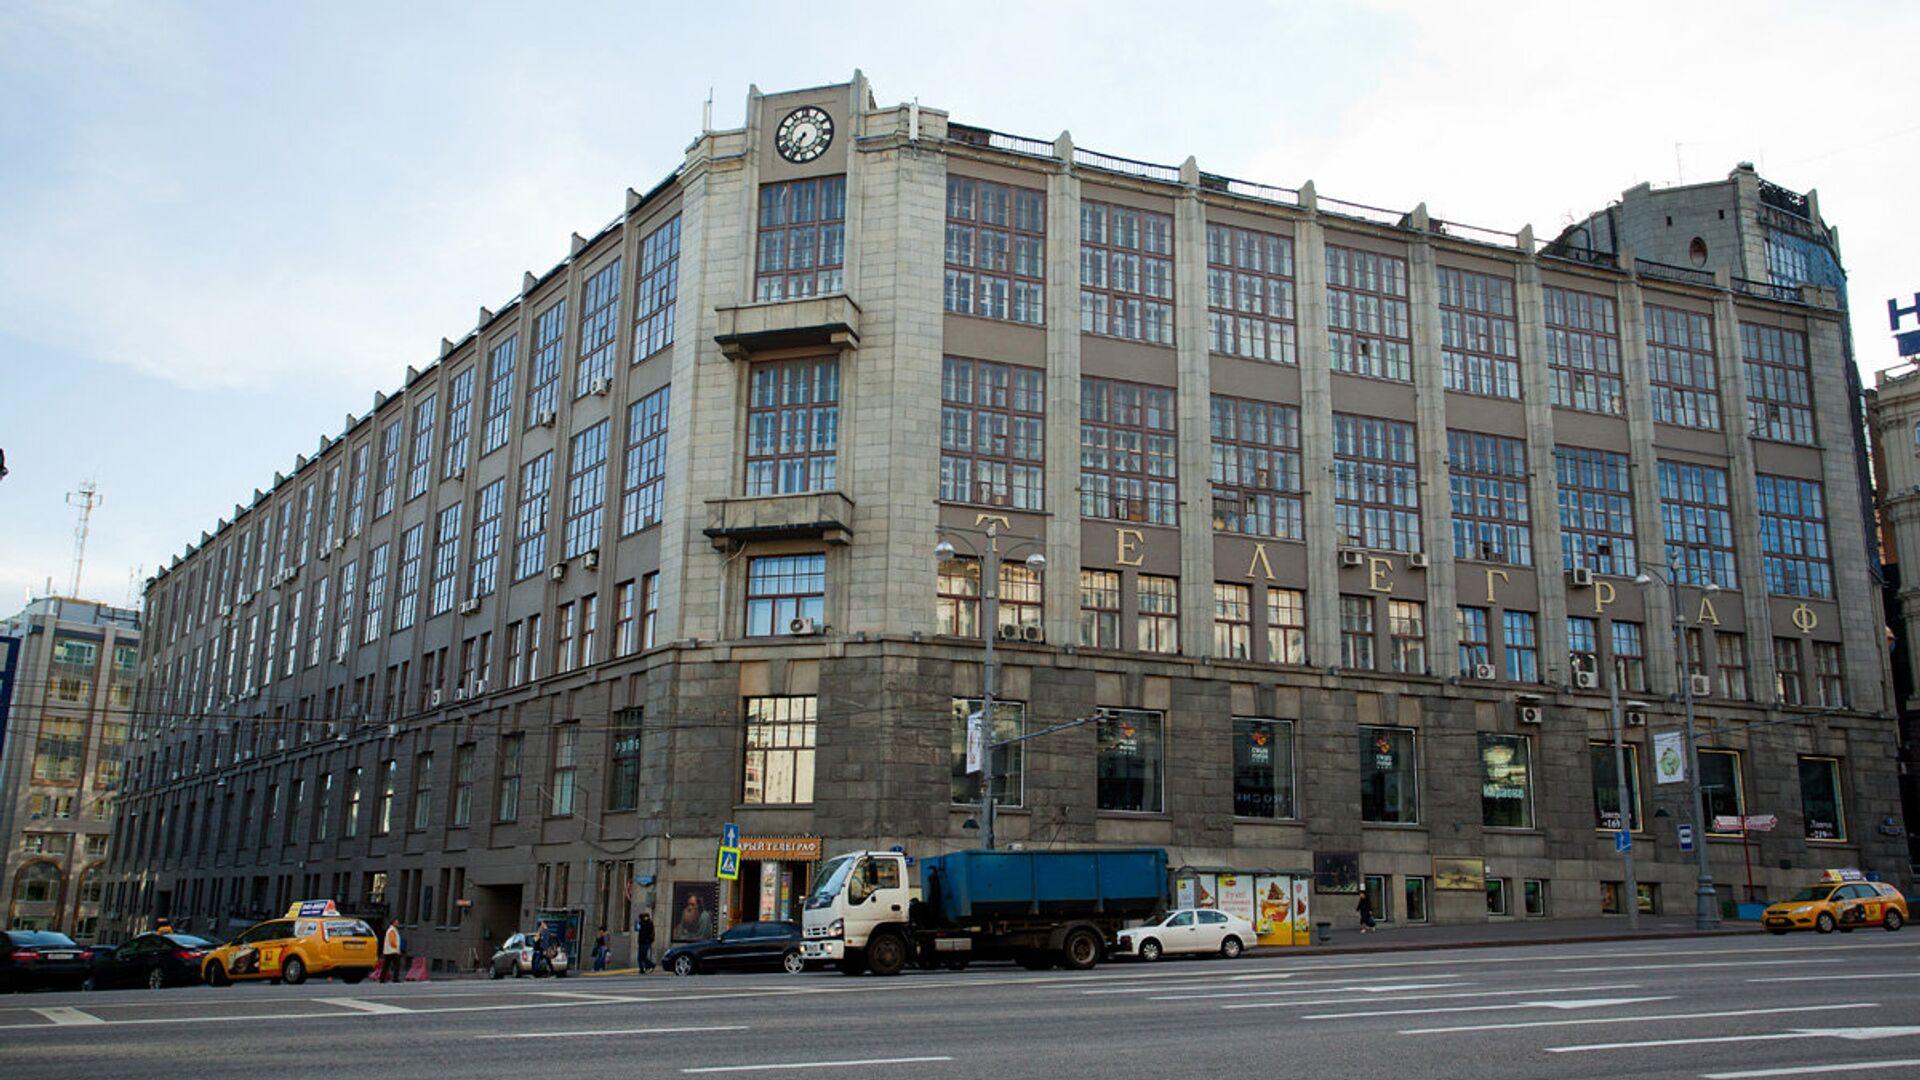 Здание Центрального телеграфа в Москве - РИА Новости, 1920, 09.06.2021